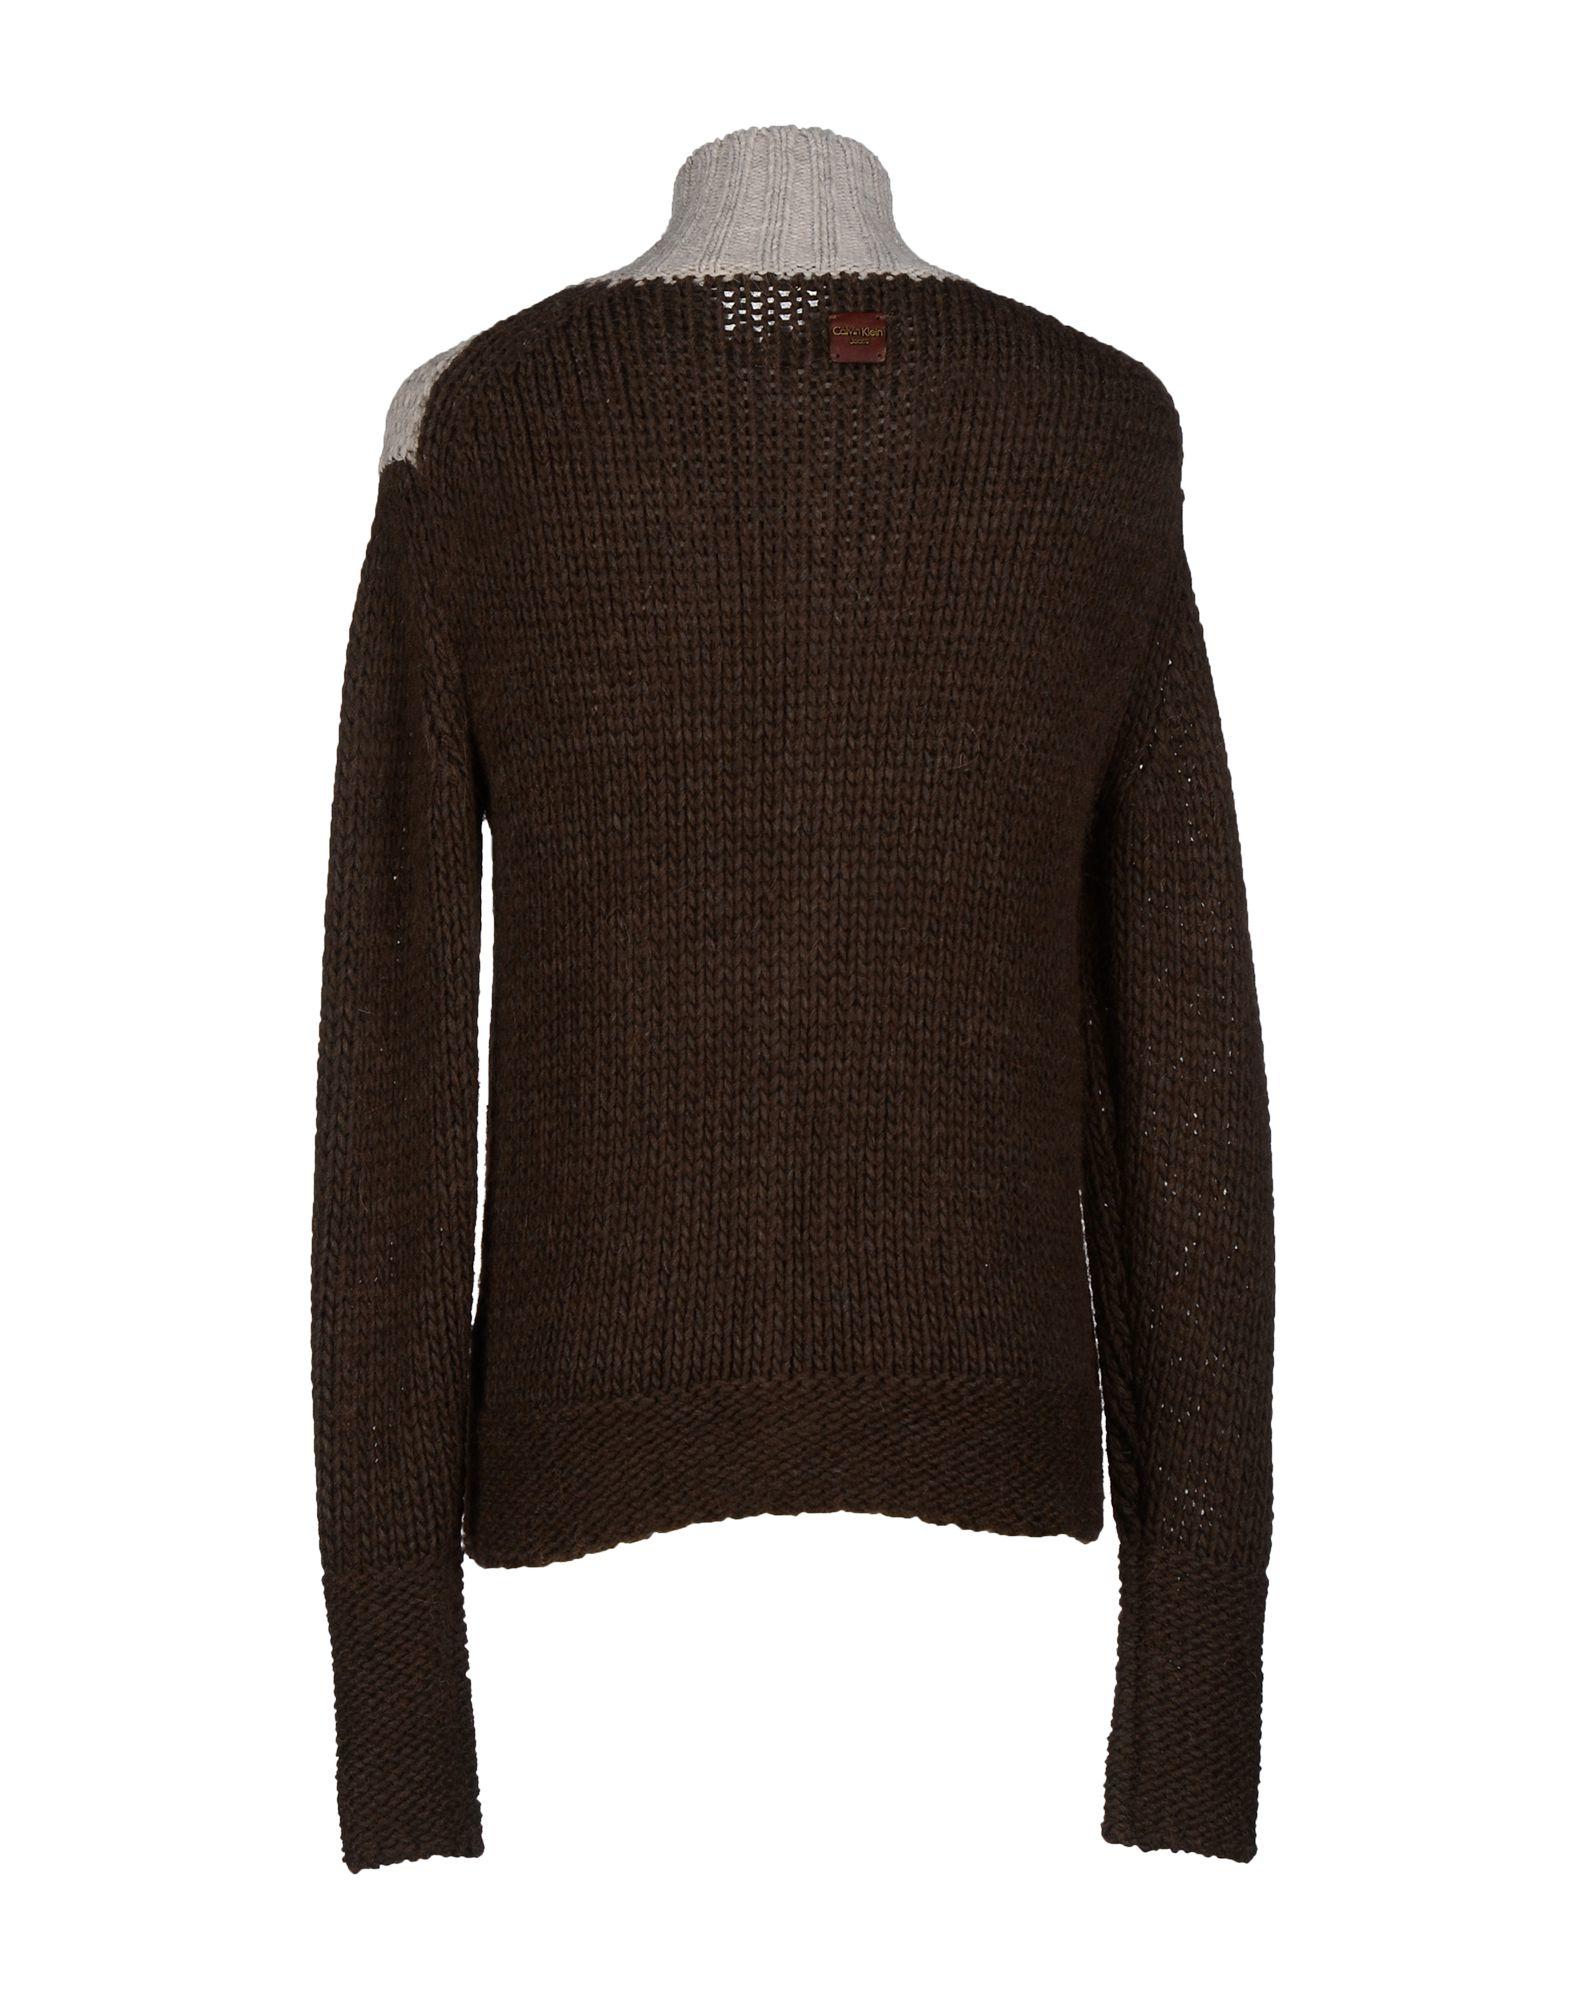 lyst calvin klein jeans cardigan in brown for men. Black Bedroom Furniture Sets. Home Design Ideas